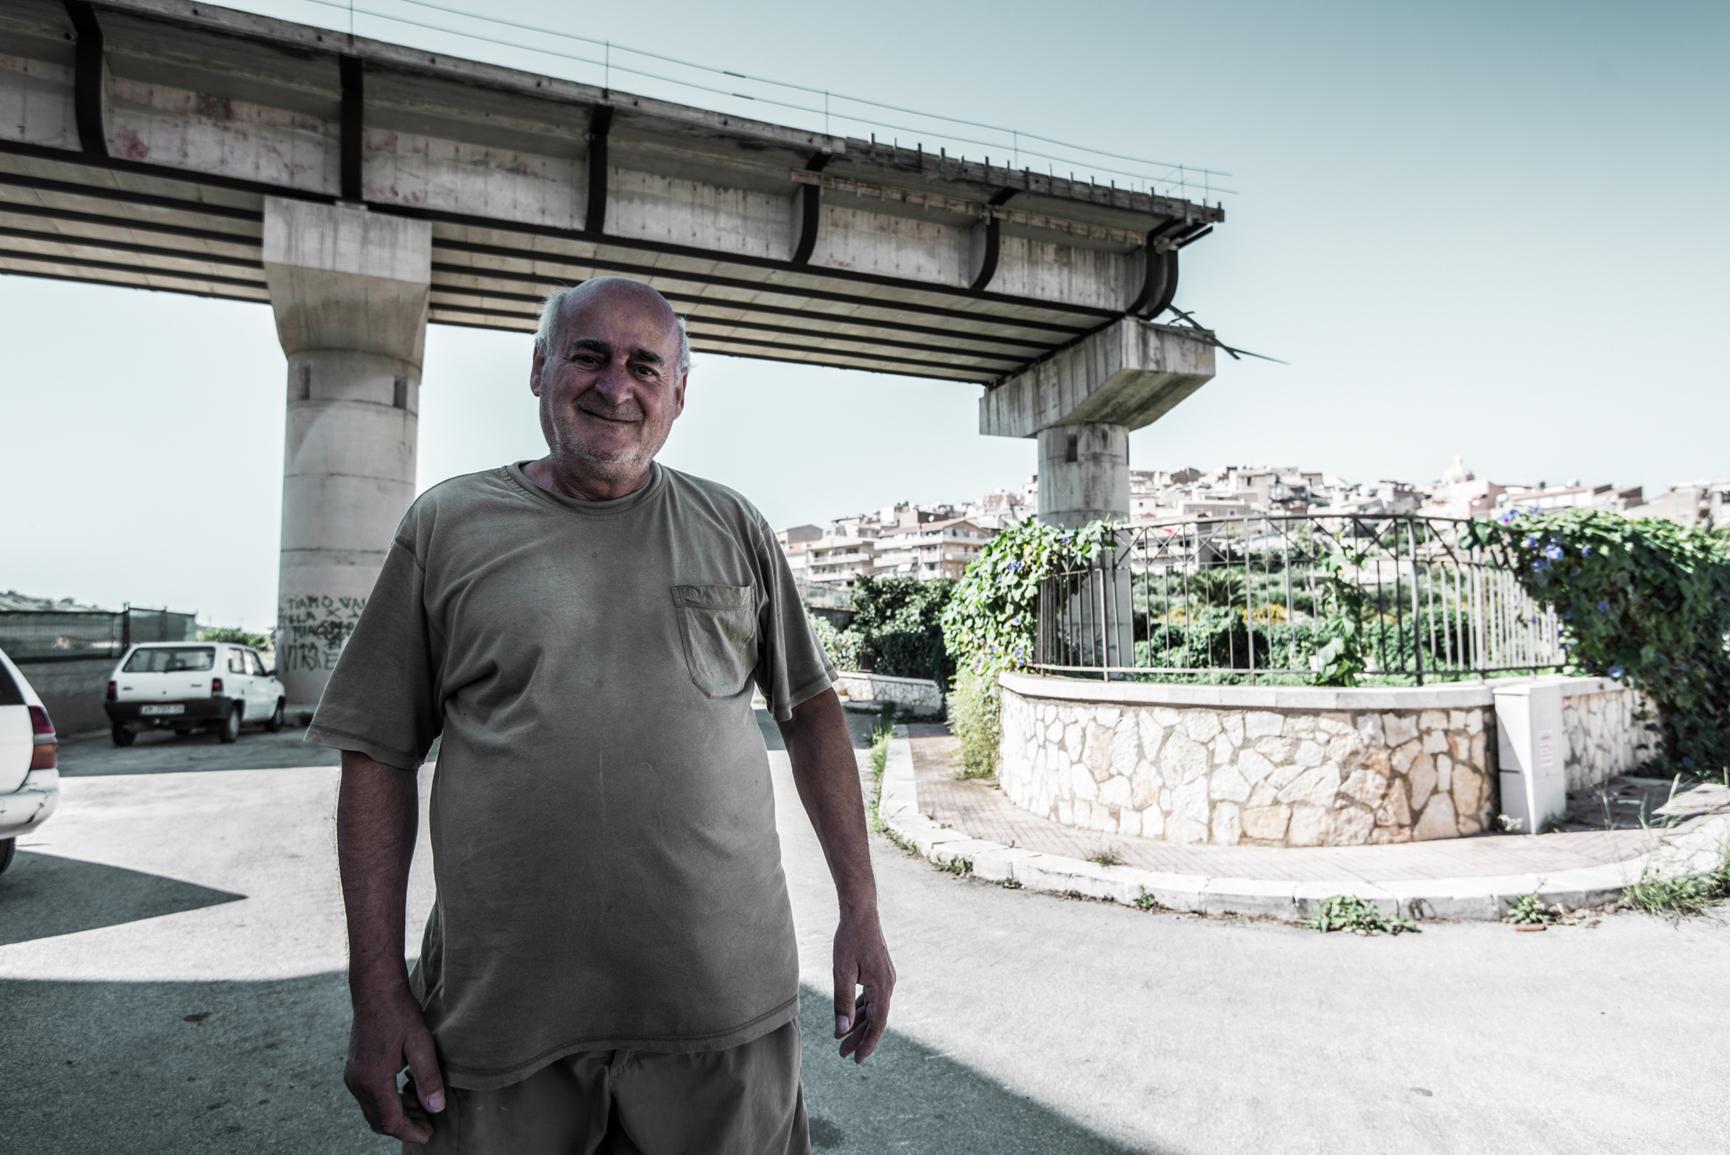 Siculiana (agrigento) ponte sospeso, abitante che ha subito l'esproprio del giar